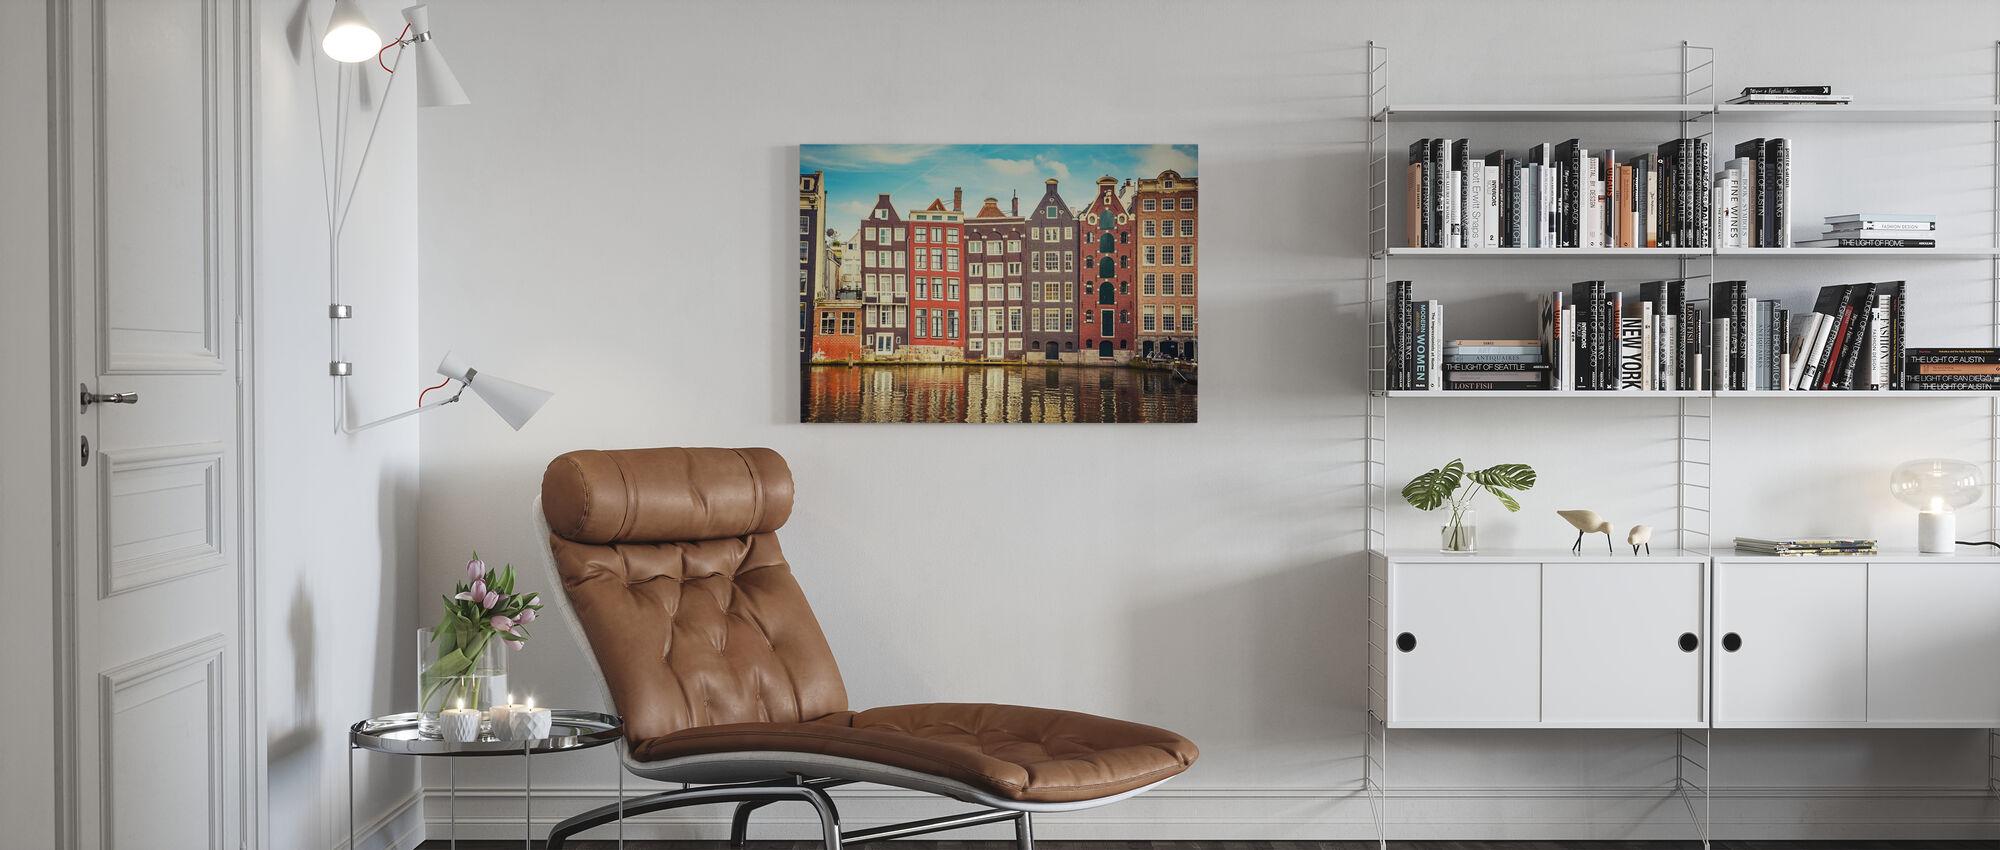 Amsterdam Häuser mit Wasser - Leinwandbild - Wohnzimmer